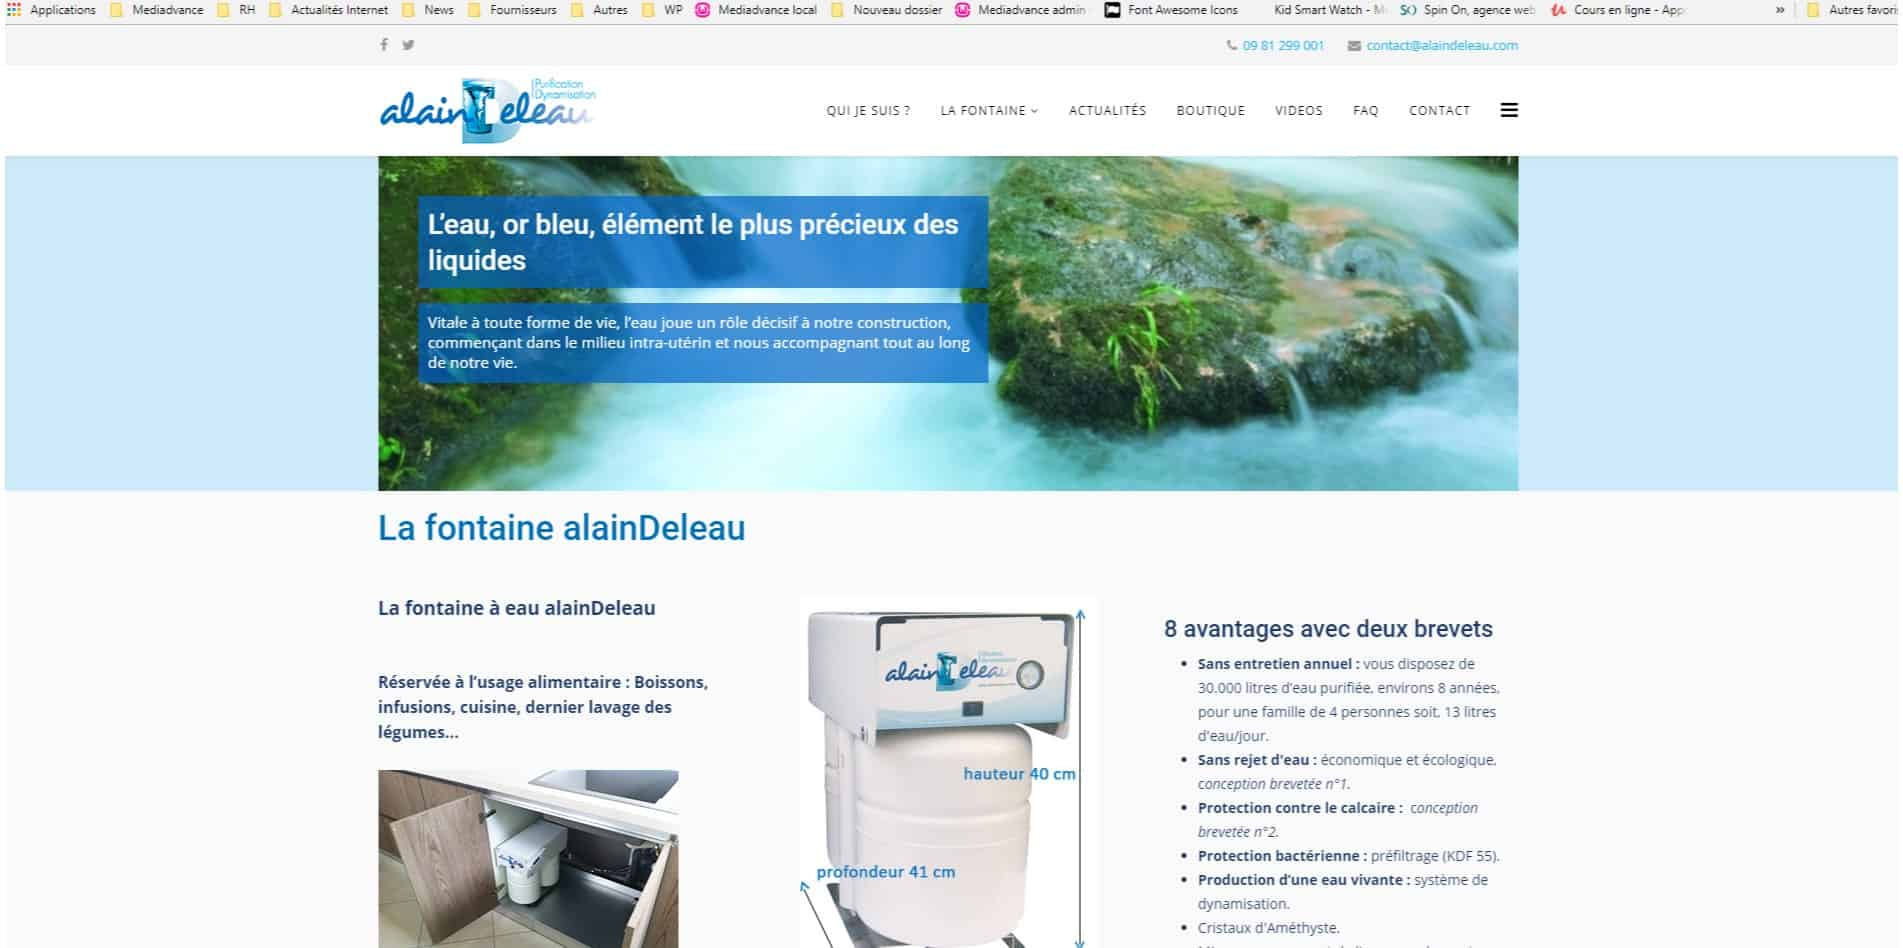 site internet paris lyon besancon dijon